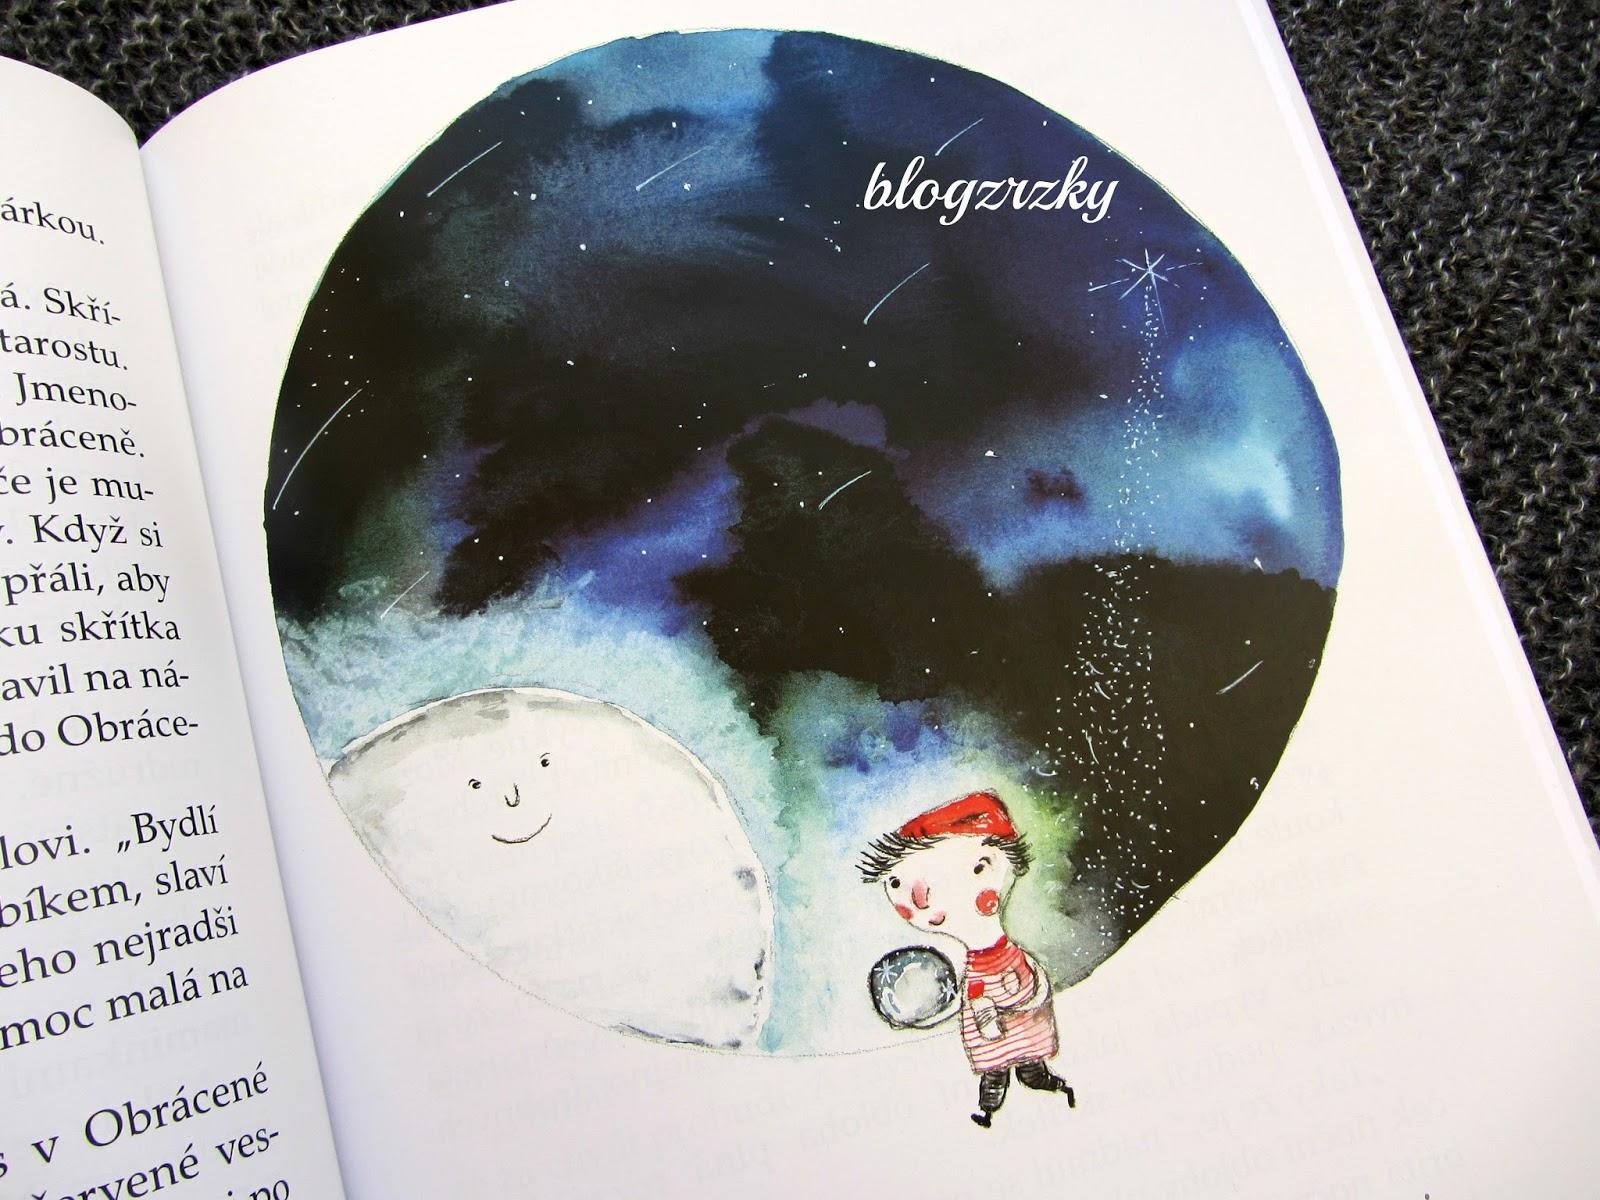 Kniha o 48 stranách je vhodná pro předškolní děti a malé školačky. Není  nijak složitá 1b7767ca6b0